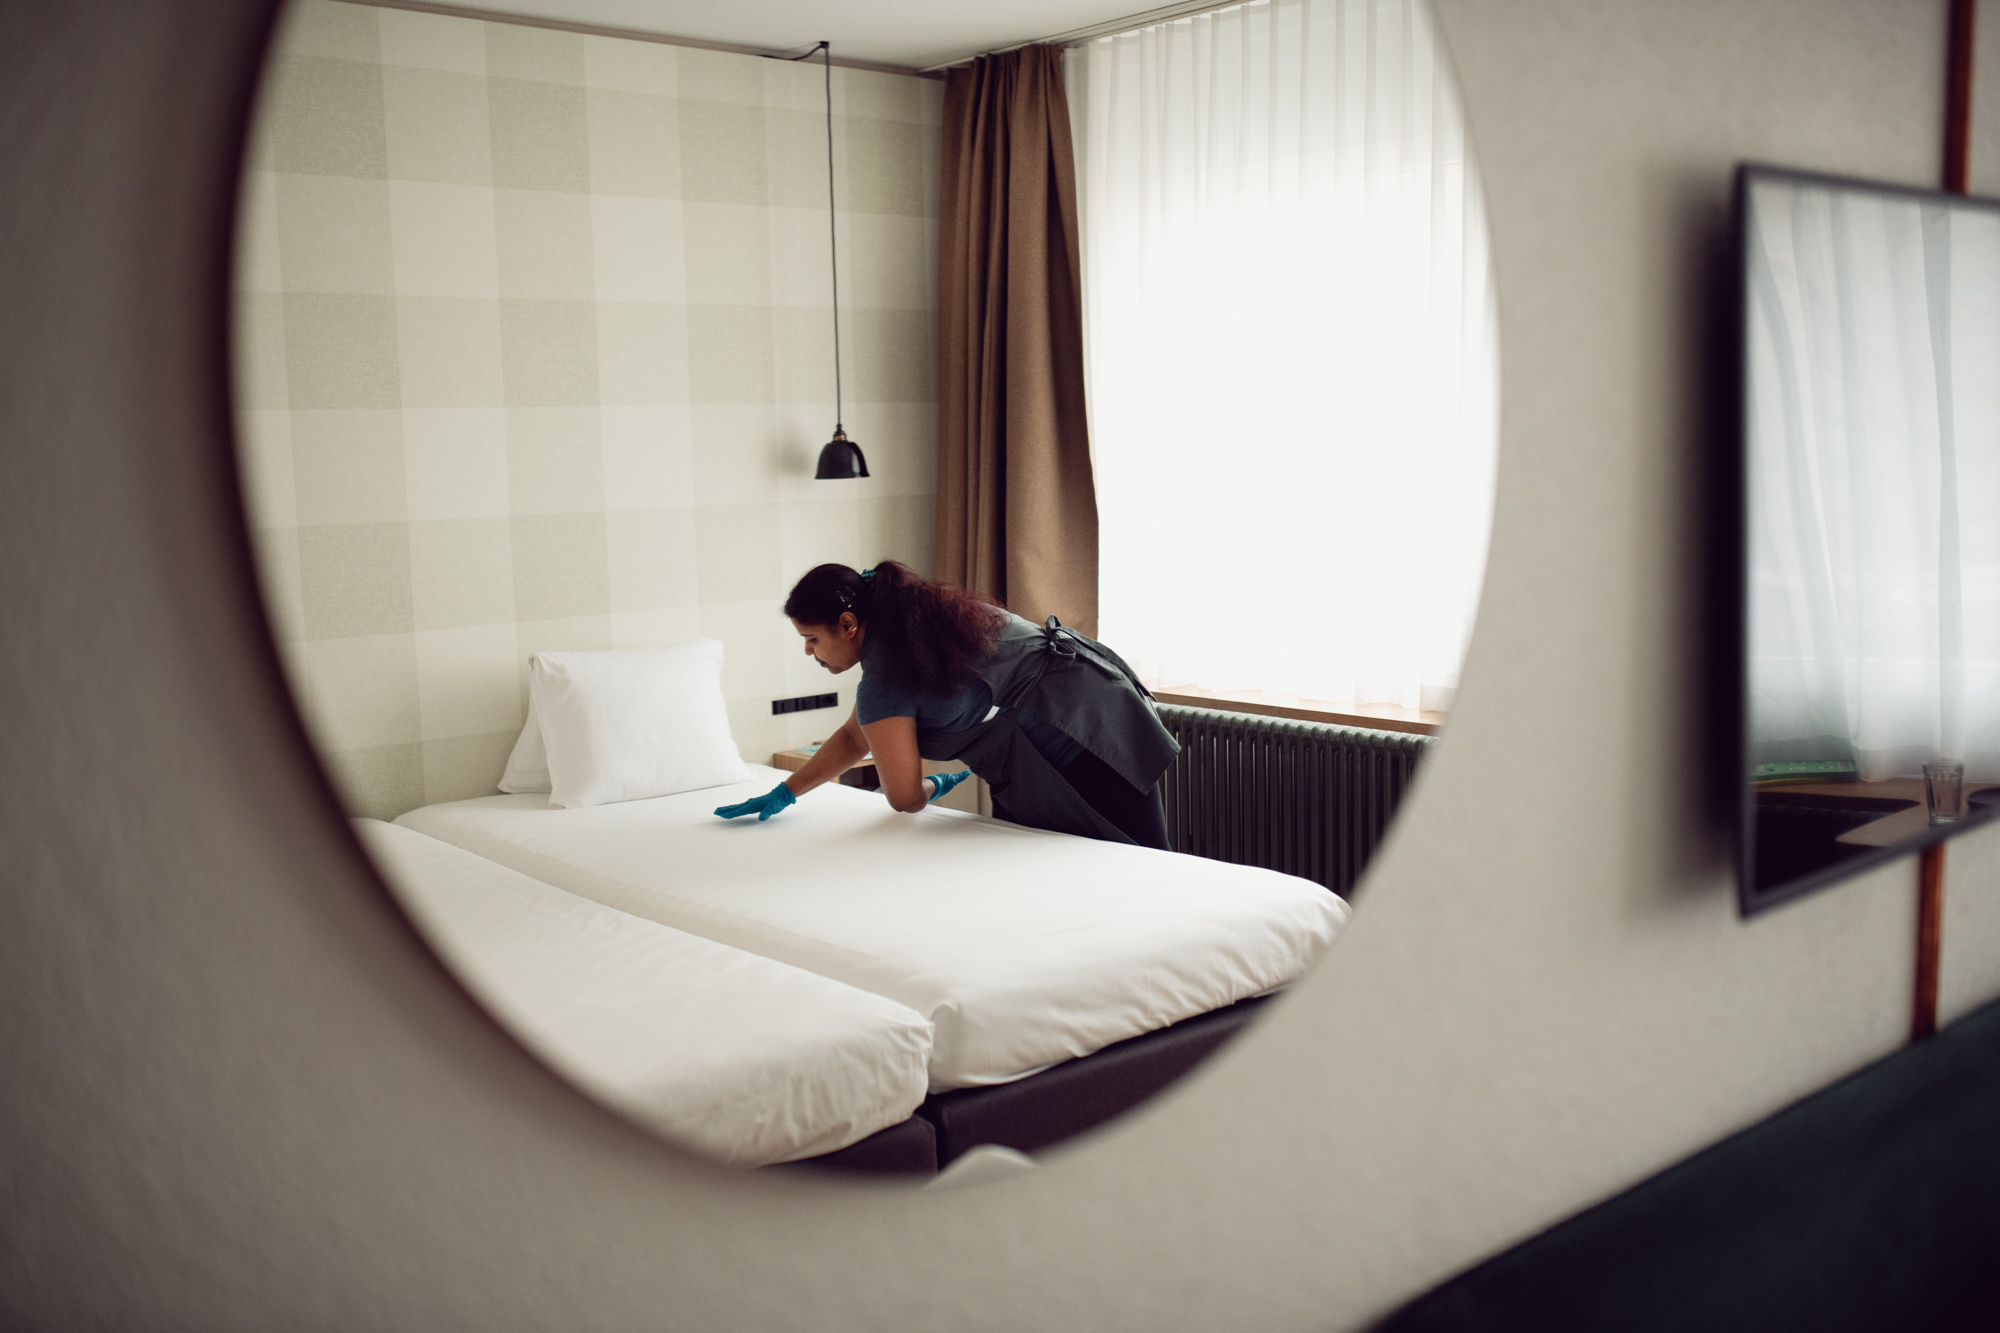 hotellerie_suisse4.jpg